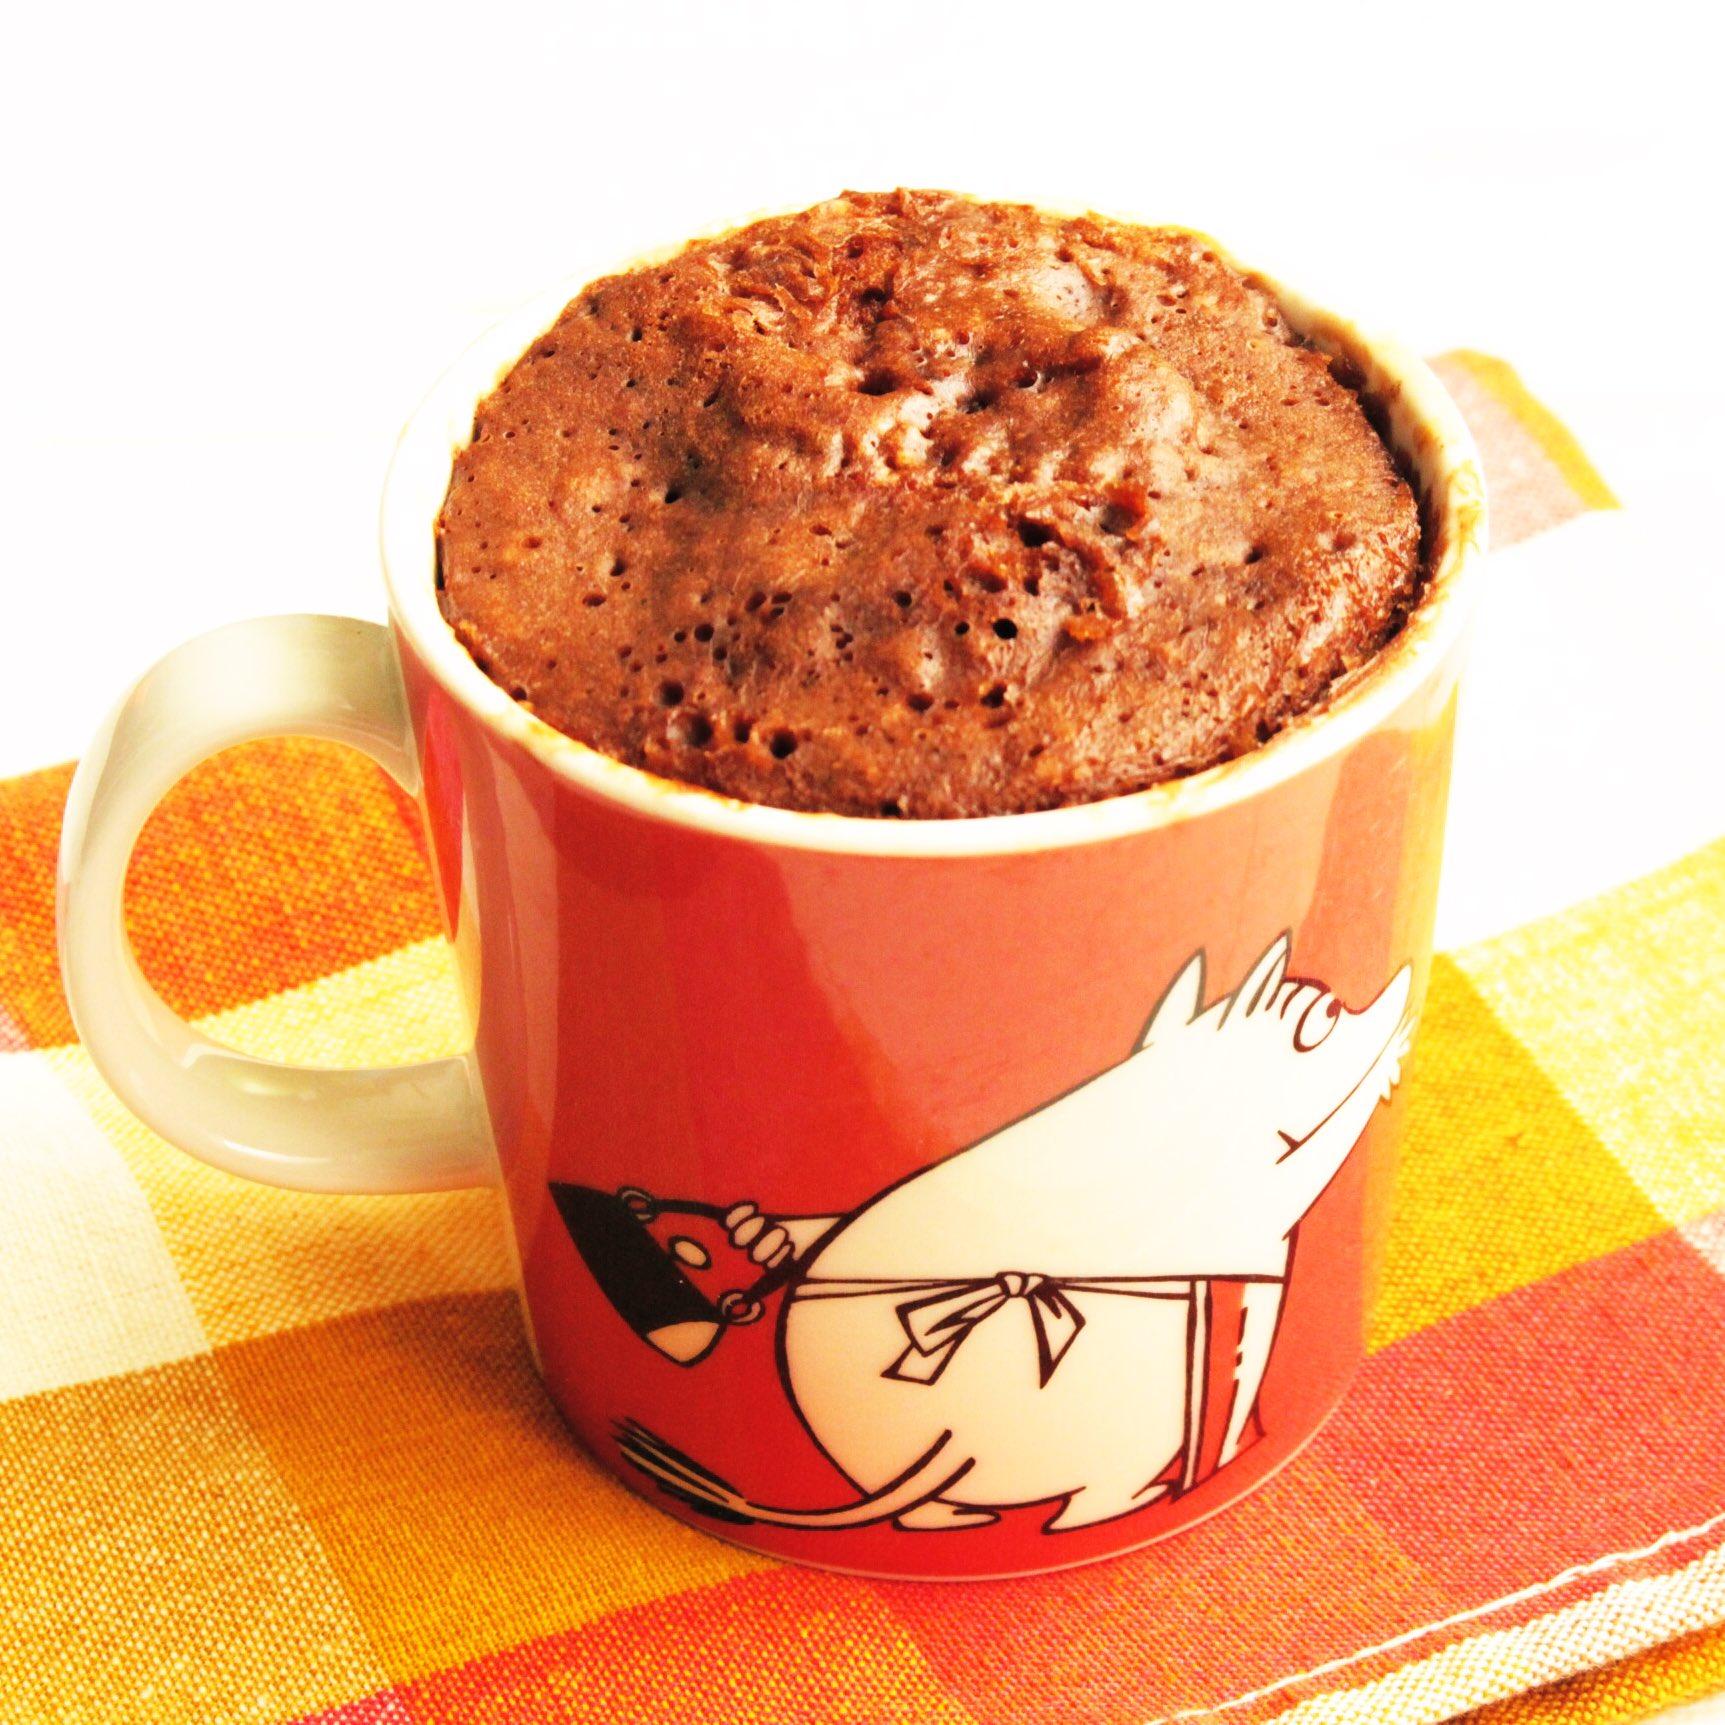 もう普通のガトーショコラには戻れないほどおすすめ...! 材料2つと水だけで作れる奇跡の味! 【濃厚しっとりガトーショコラ風むしパン】 マグに水入れて40秒チン、ミルクココア大さじ2、ミックス粉大さじ5まぜ70秒チンで完成! #ココアの日  ココアが美味し(文字数 ↓